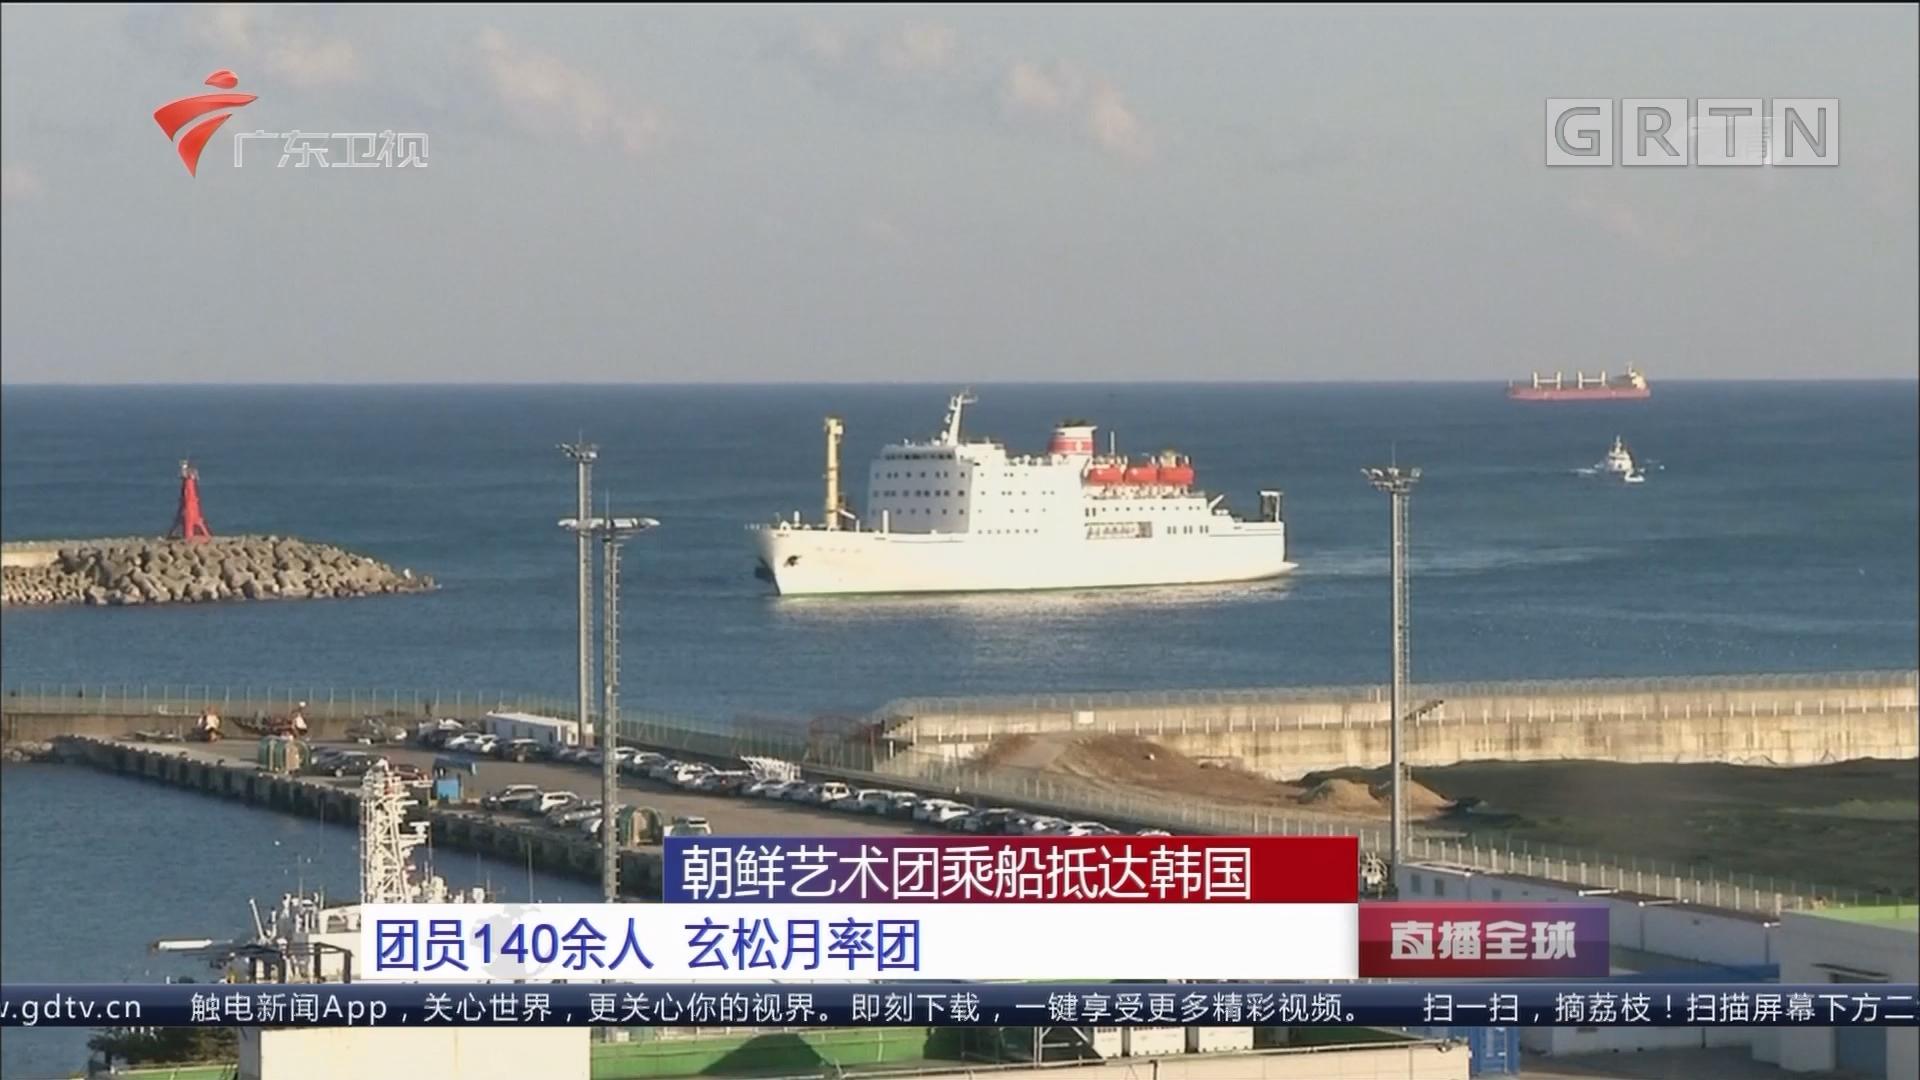 朝鲜艺术团乘船抵达韩国:团员140余人 玄松月率团